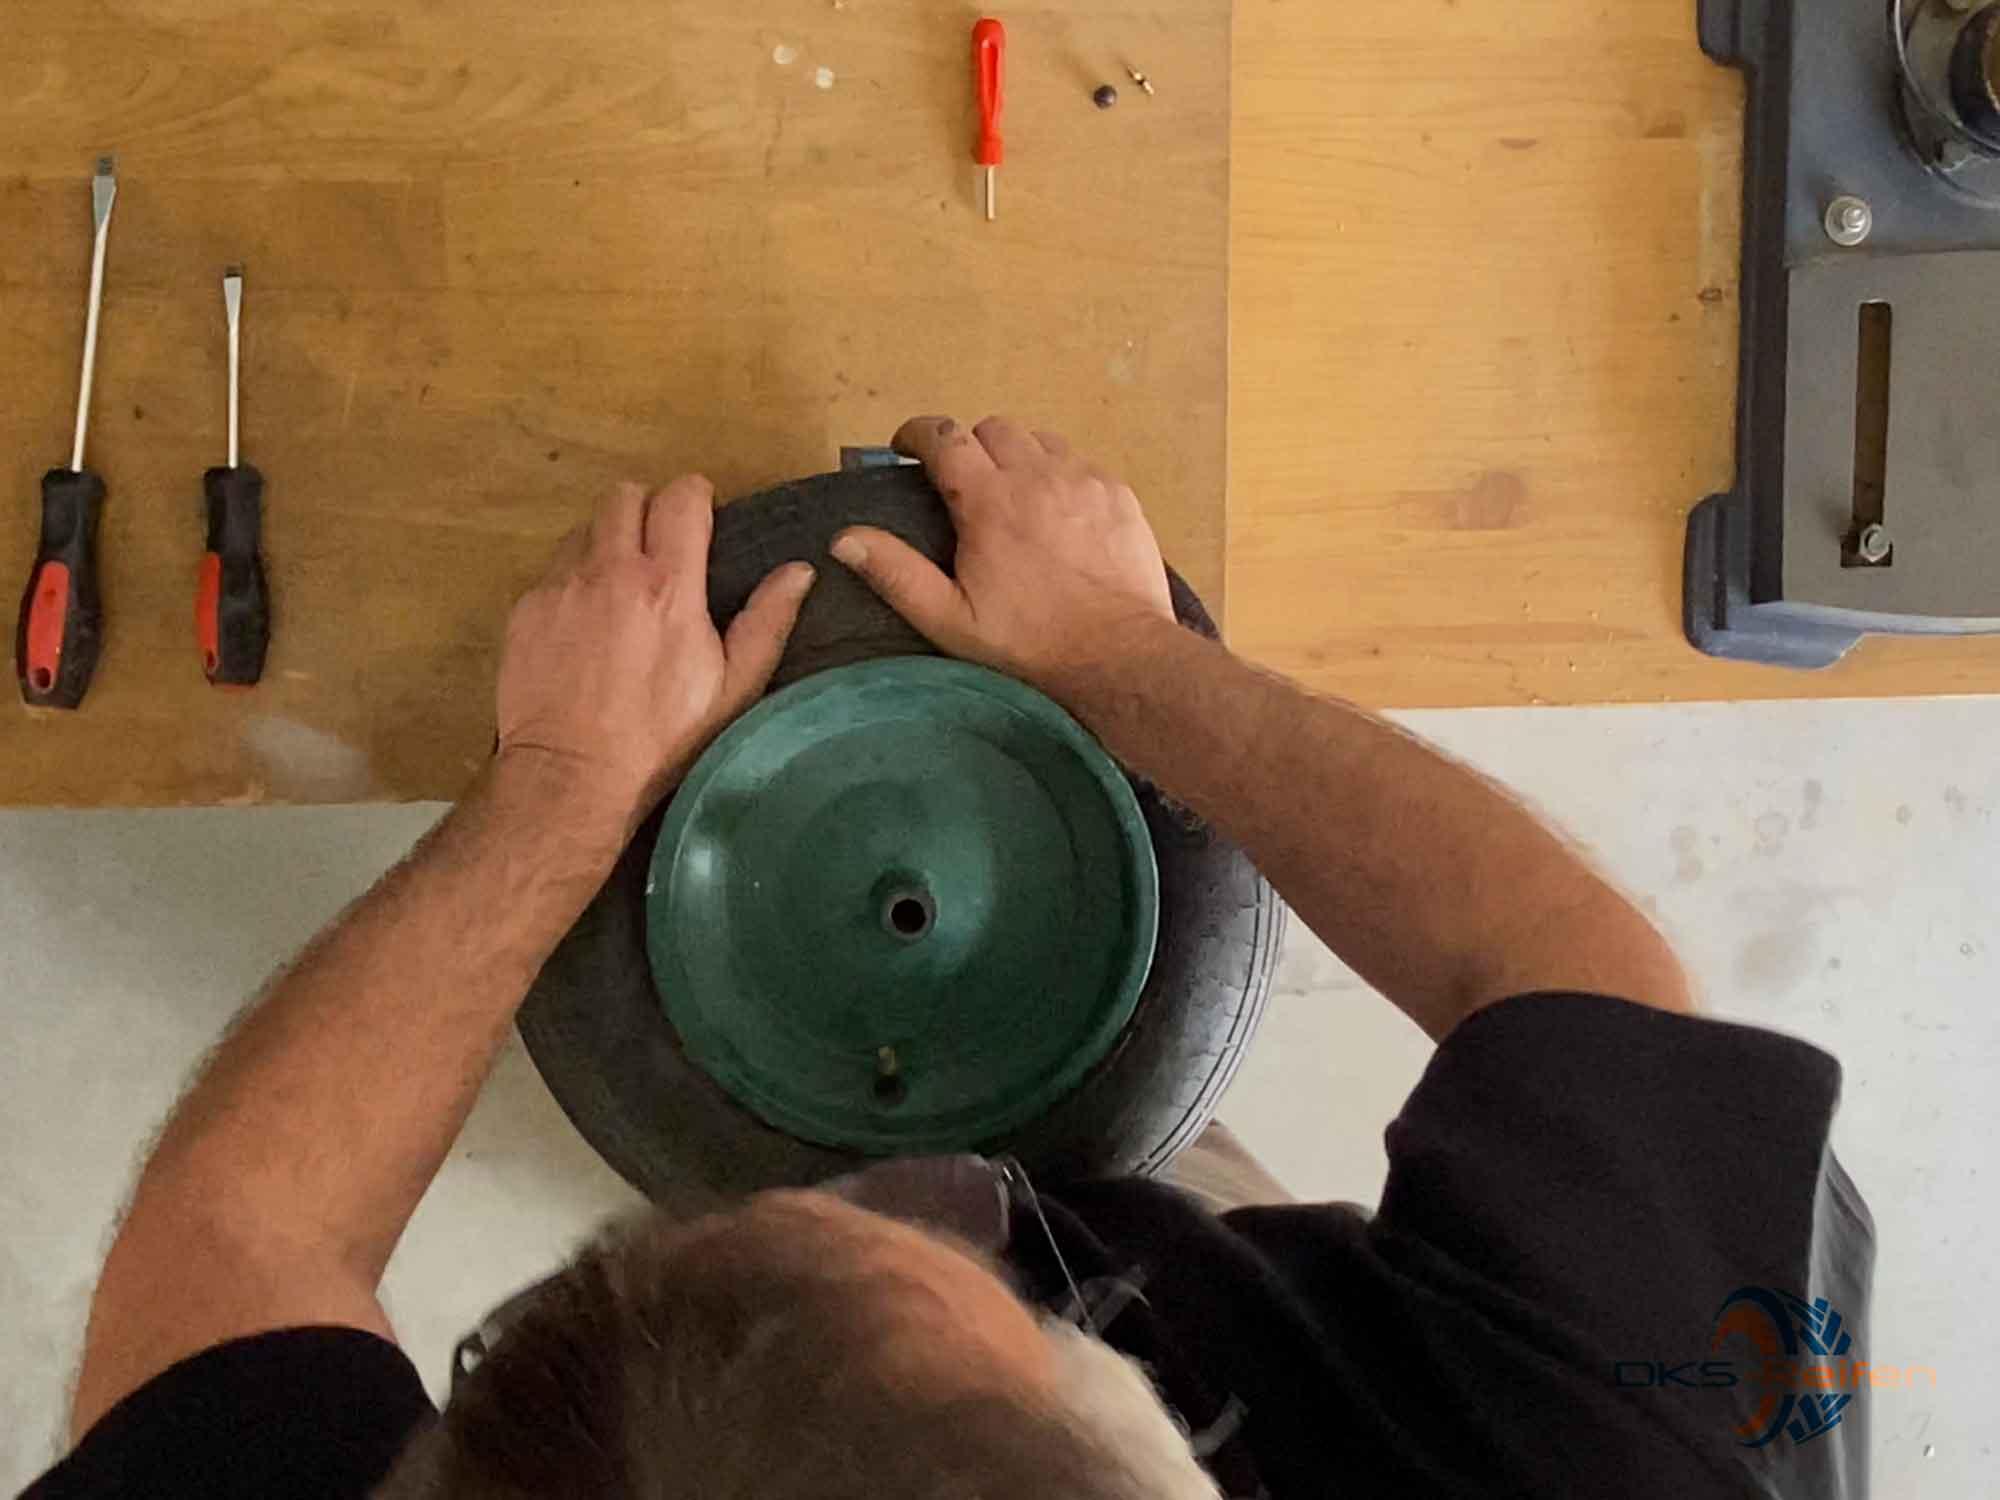 Schubkarrenrad wechseln: Demontage - Abrdücken des Reifens